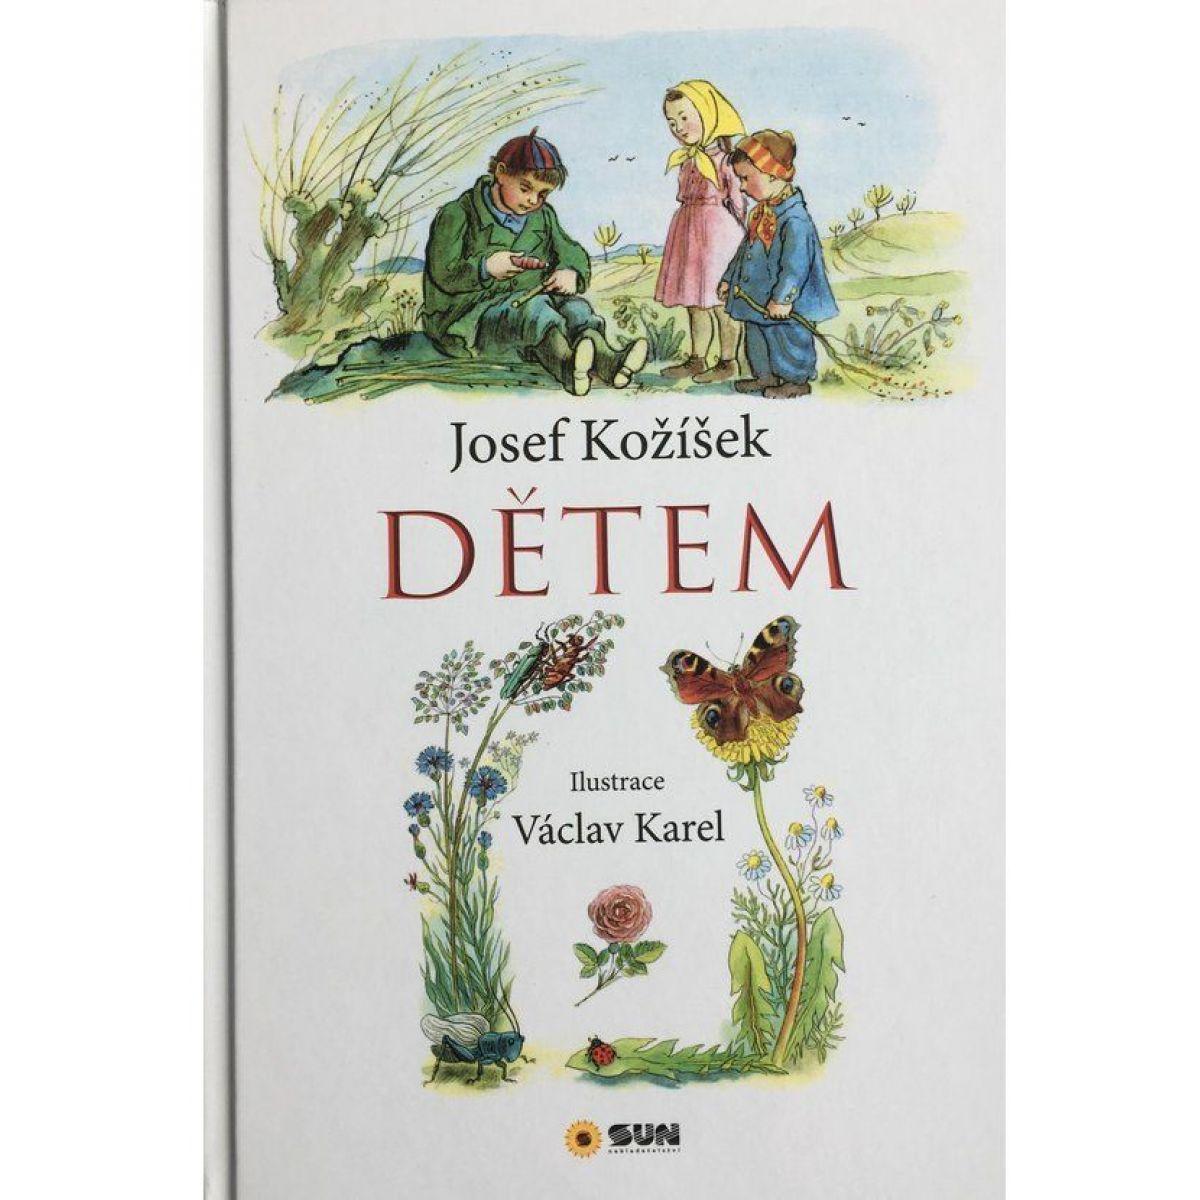 Dětem J.Kožíšek,V.Karel